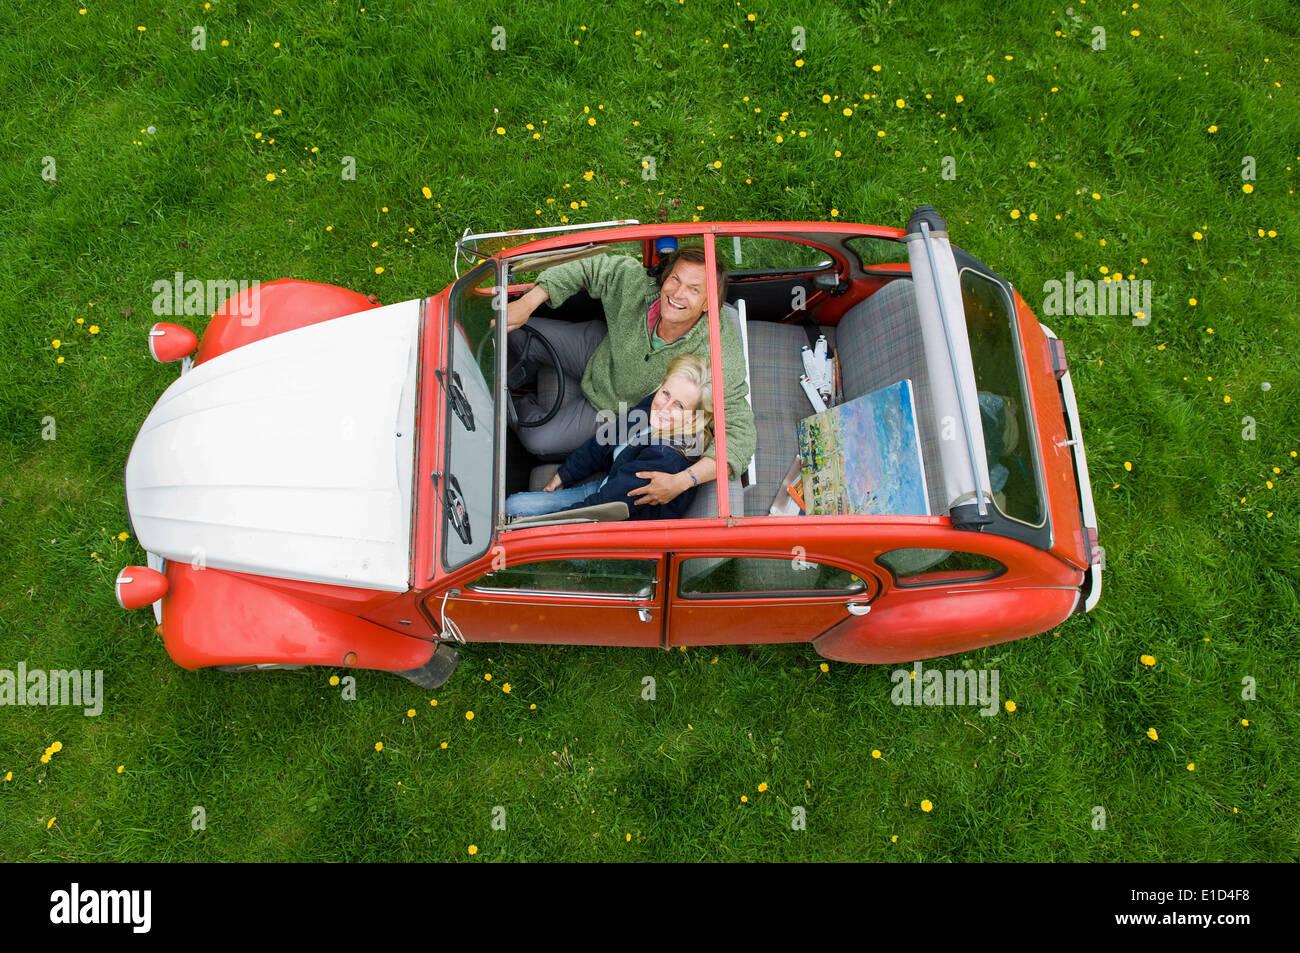 Blick von oben auf zwei Personen, ein paar in einem Auto bei geöffnetem Dach. Stockfoto